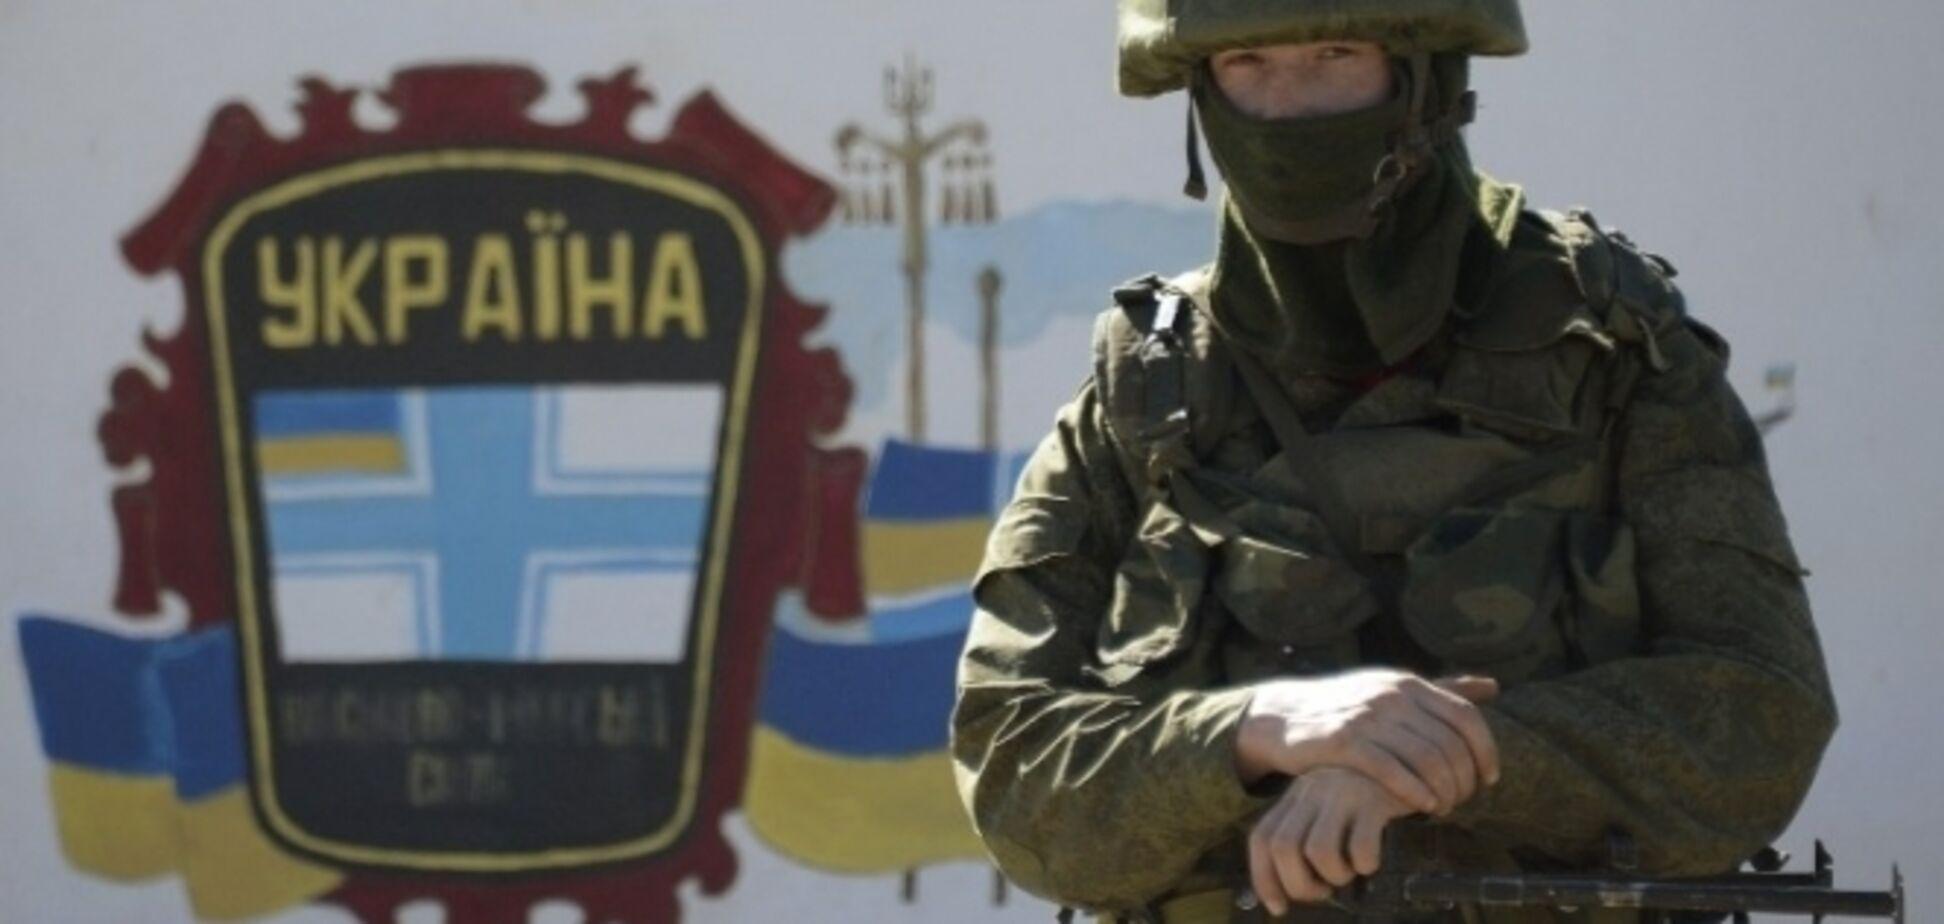 Украина примет серьезные меры на границе с Россией: что происходит